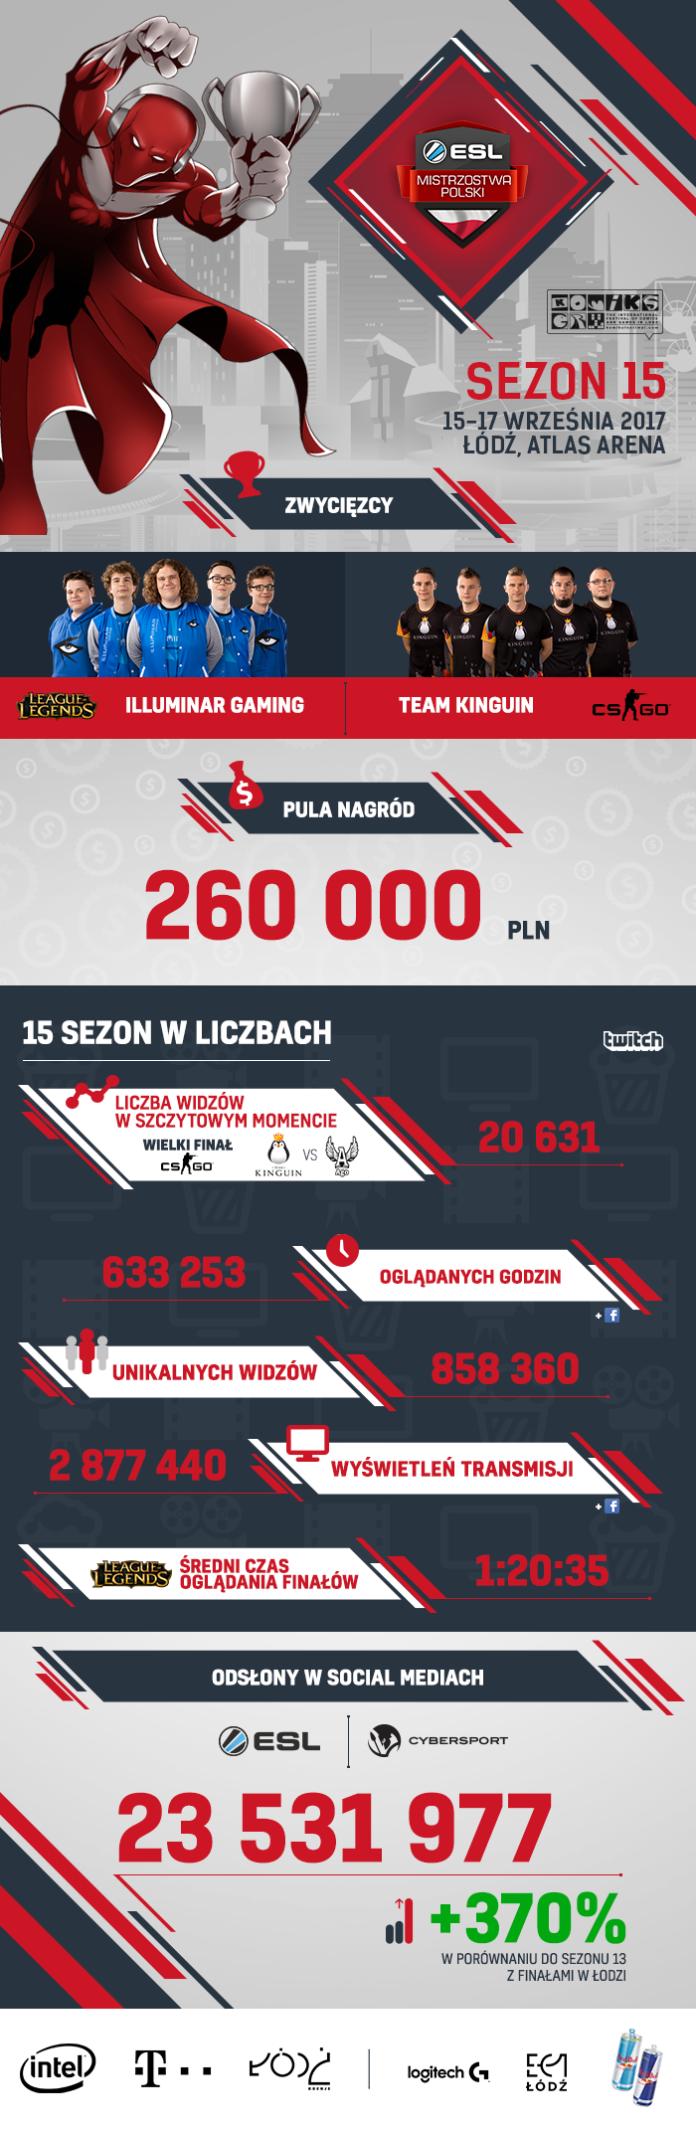 ESL Mistrzostwa Polski 2017 - infografika